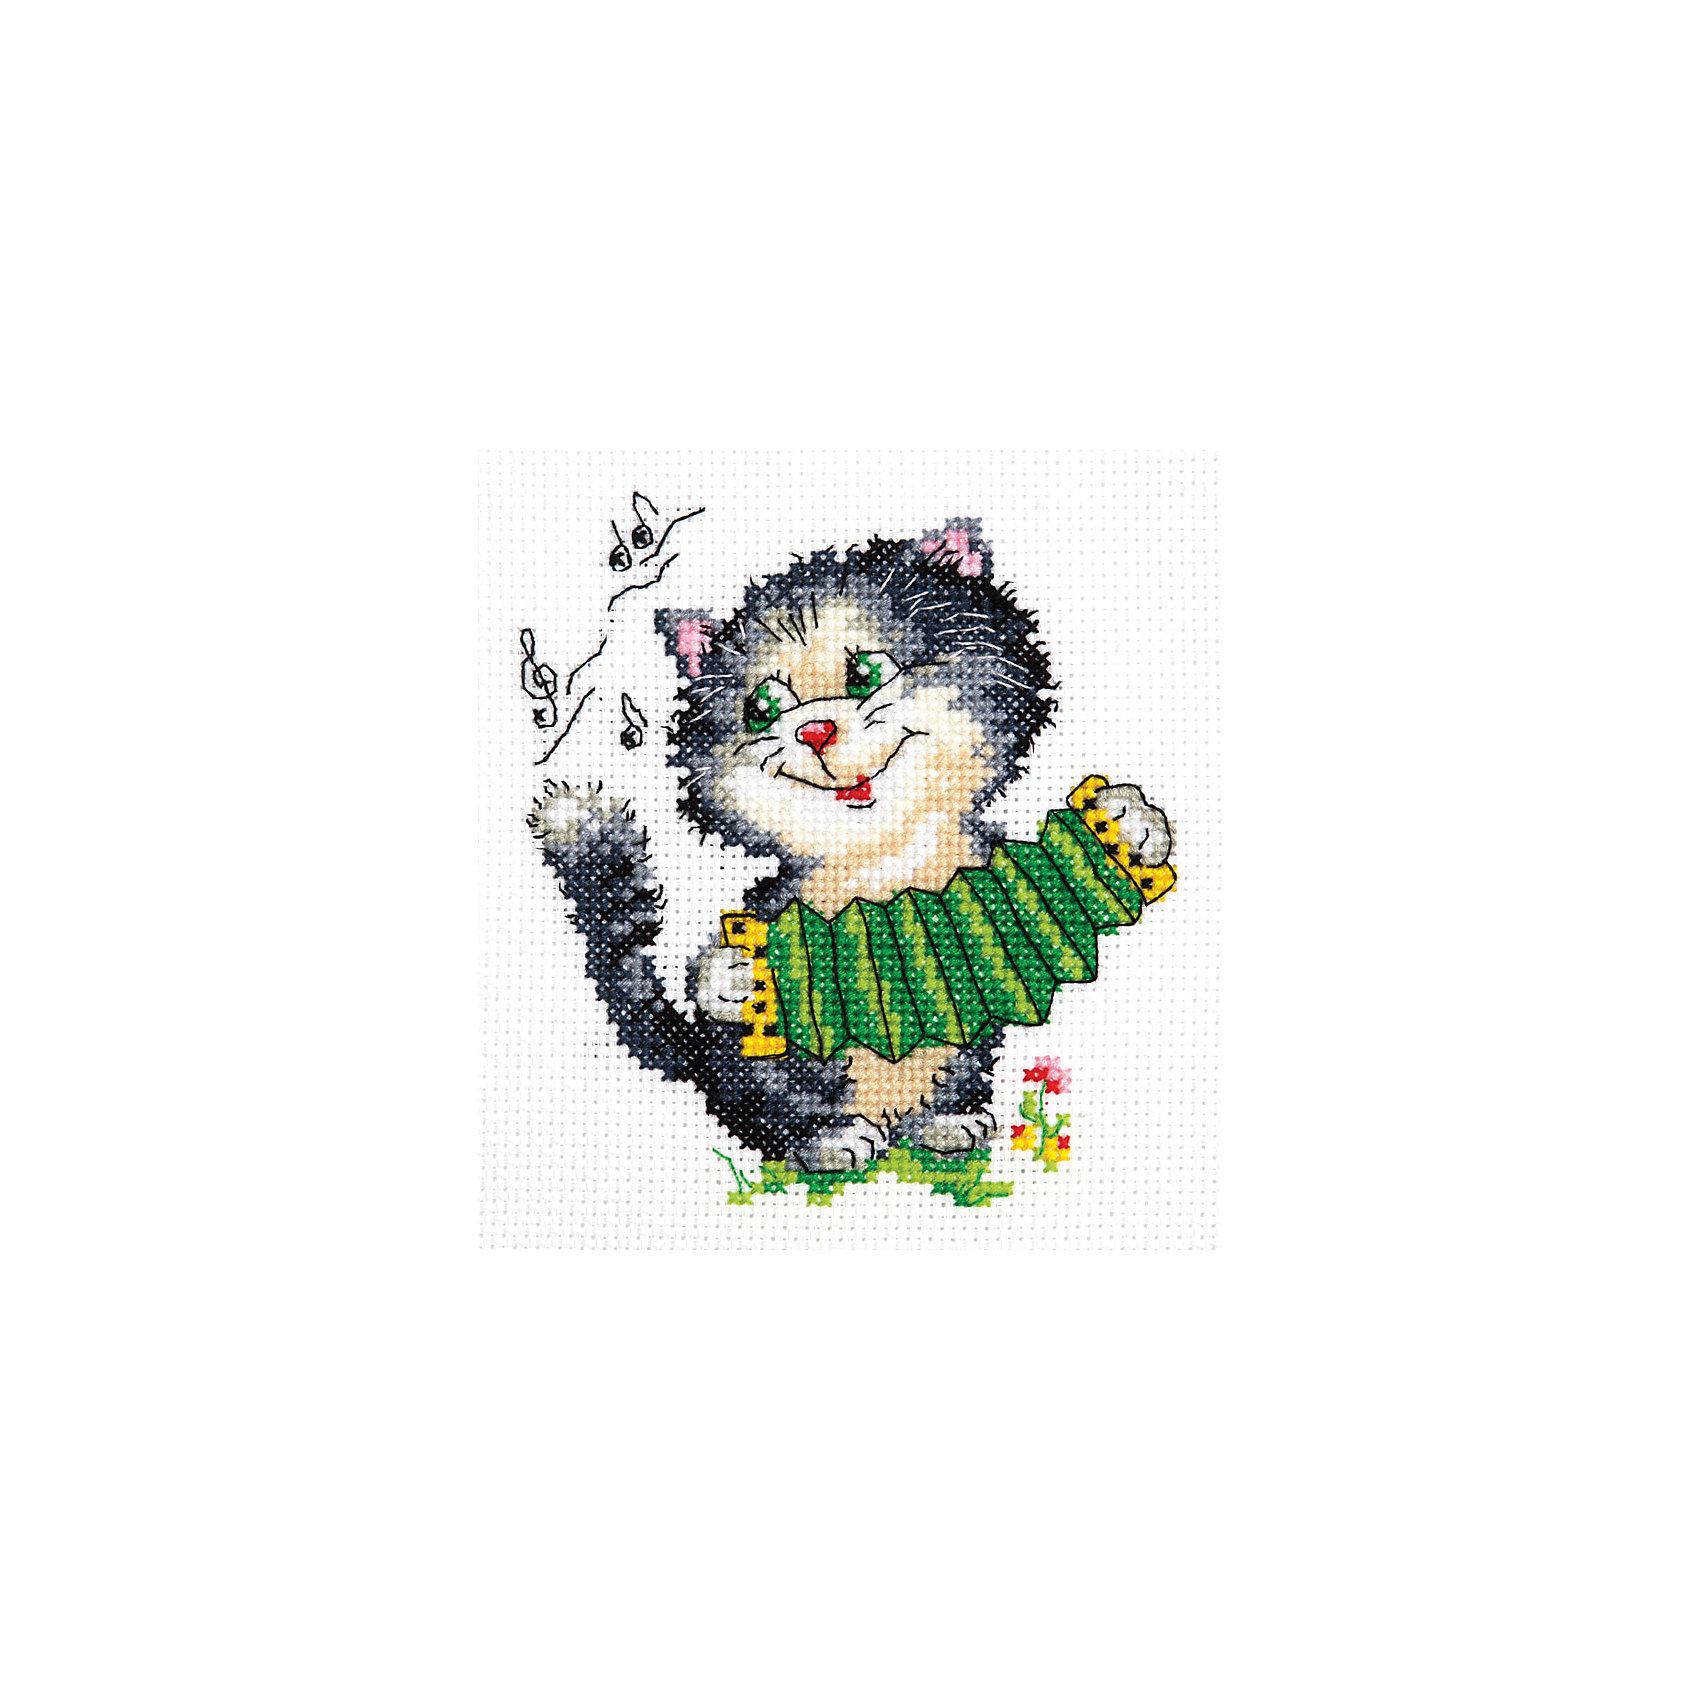 Чудесная игла Набор для вышивания крестом «Первый парень» набор для вышивания крестом luca s дневной котенок 5 5 х 10 см